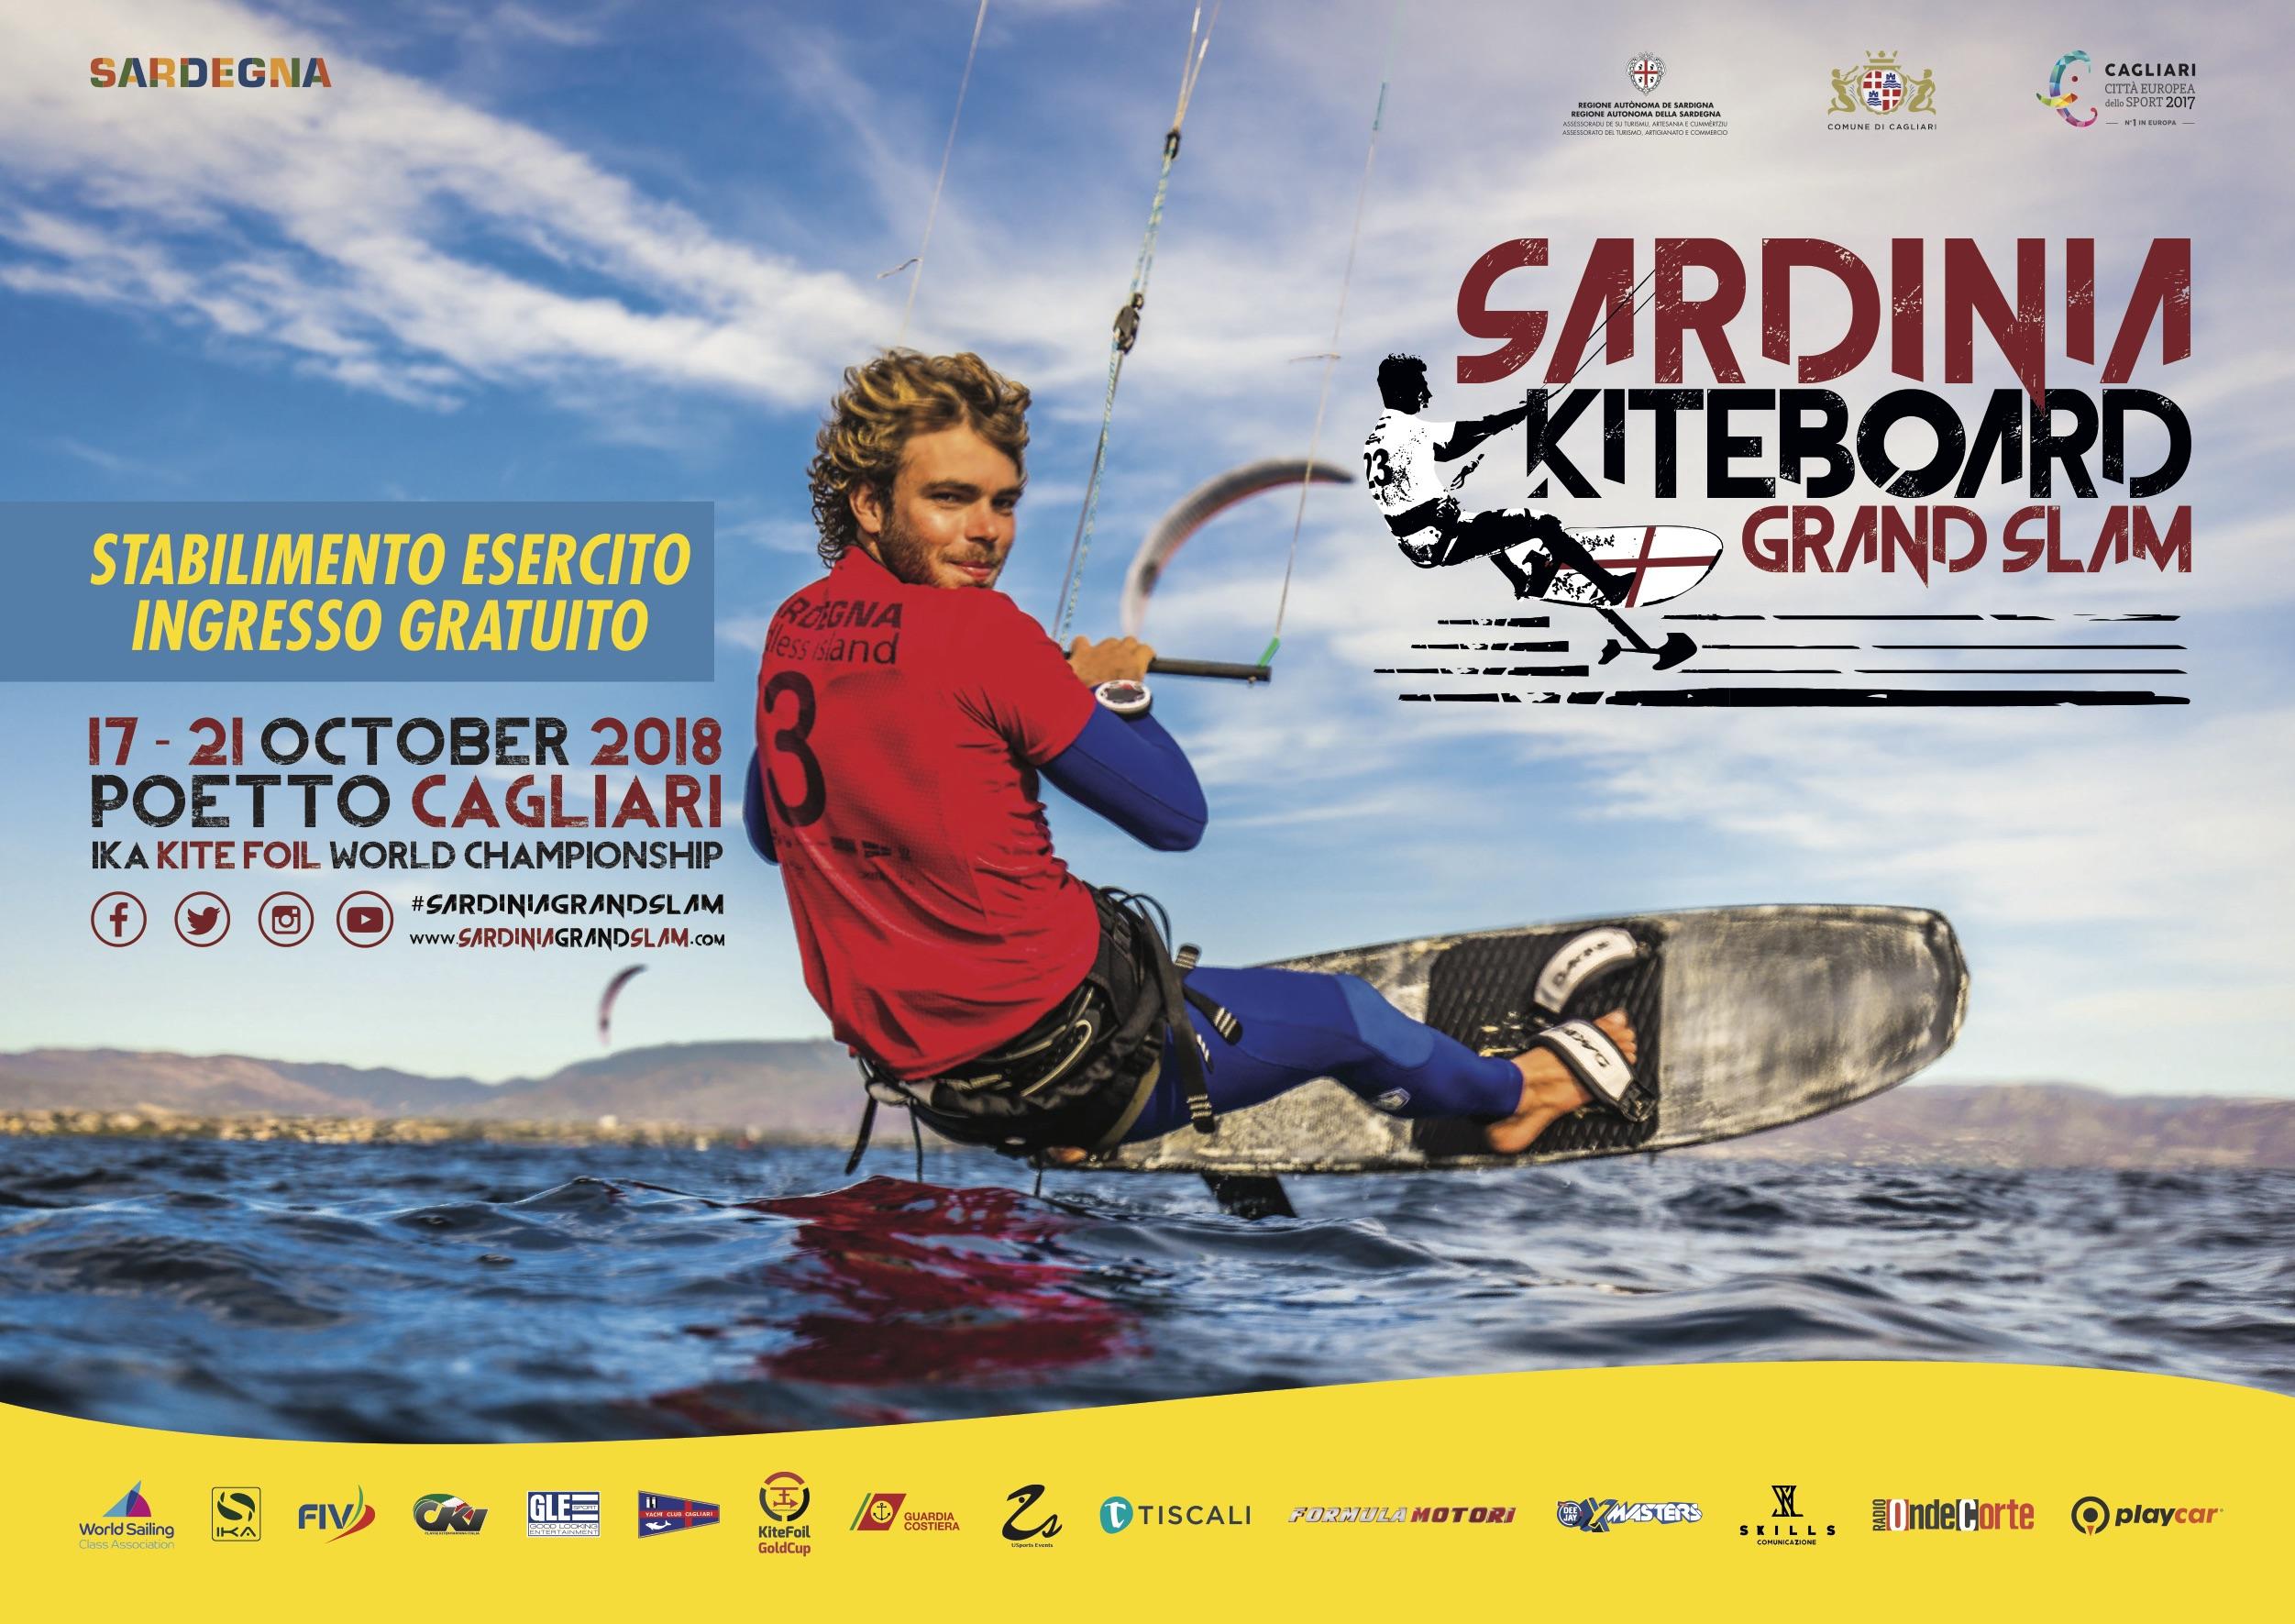 1453d57f fa3b 40a8 a1f3 3c9a89f31c7c Sardinia Grand Slam: a Cagliari i titoli mondiali di KiteFoil